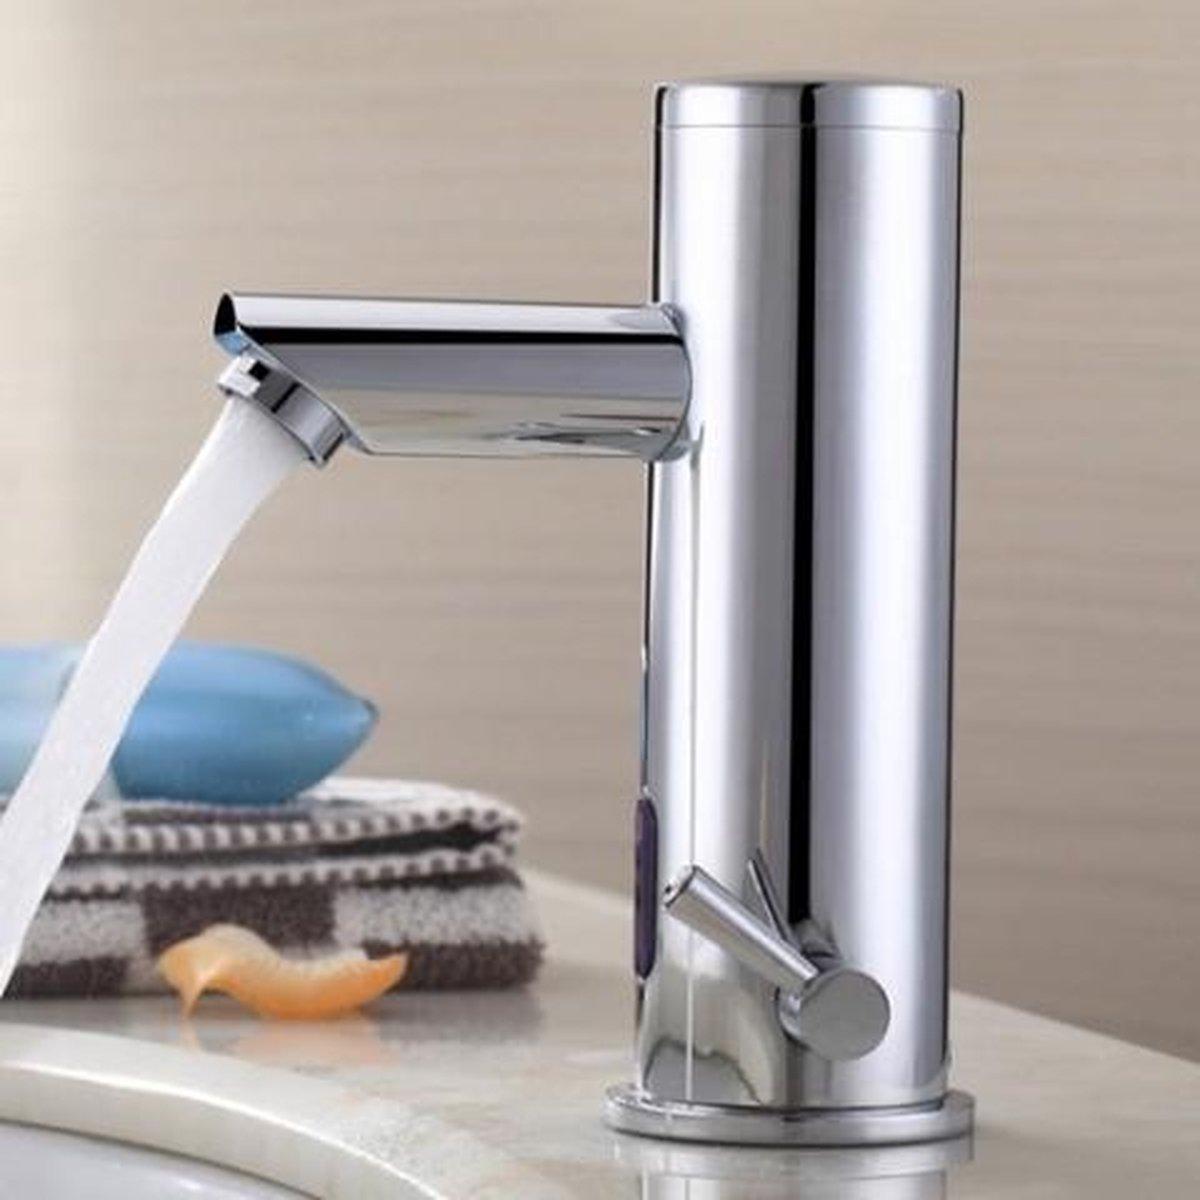 Excellent Wellness Design Badkamermeubel Sensor Kraan Wastafelkraan Type: F-8023